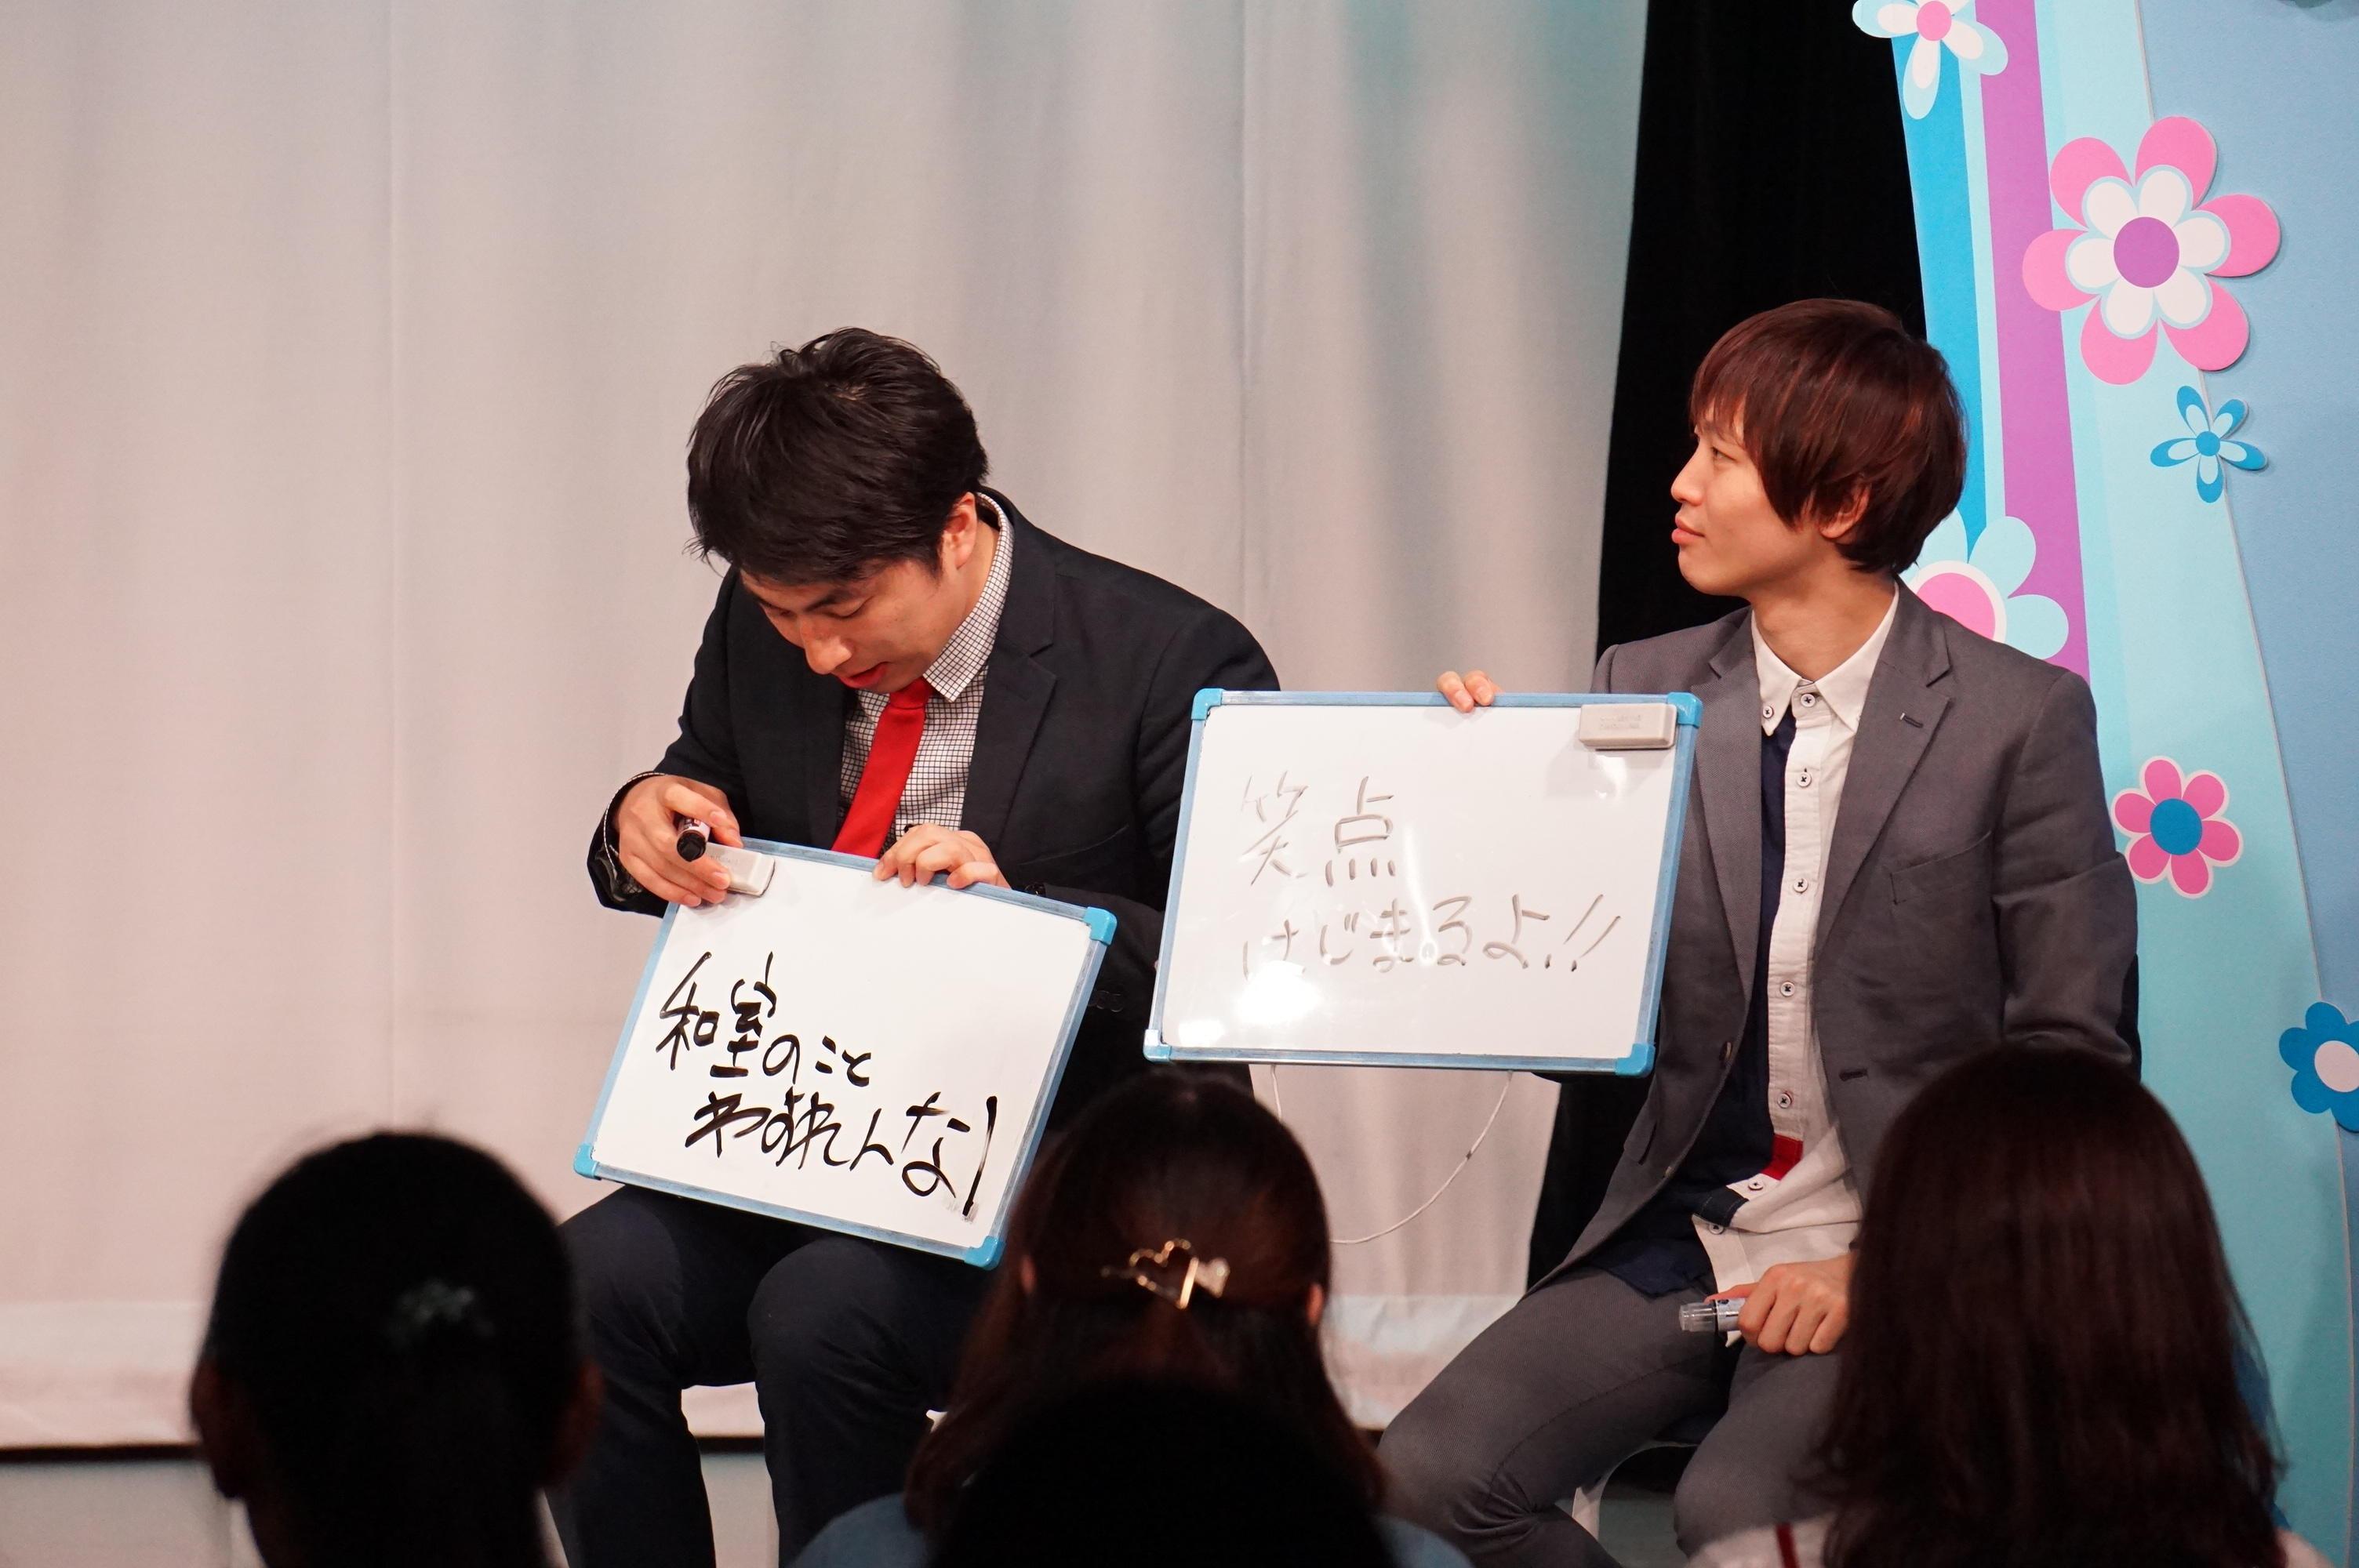 http://news.yoshimoto.co.jp/20161028191515-a1464dfab8a812484f951d6075a48f94a464a6dd.jpg